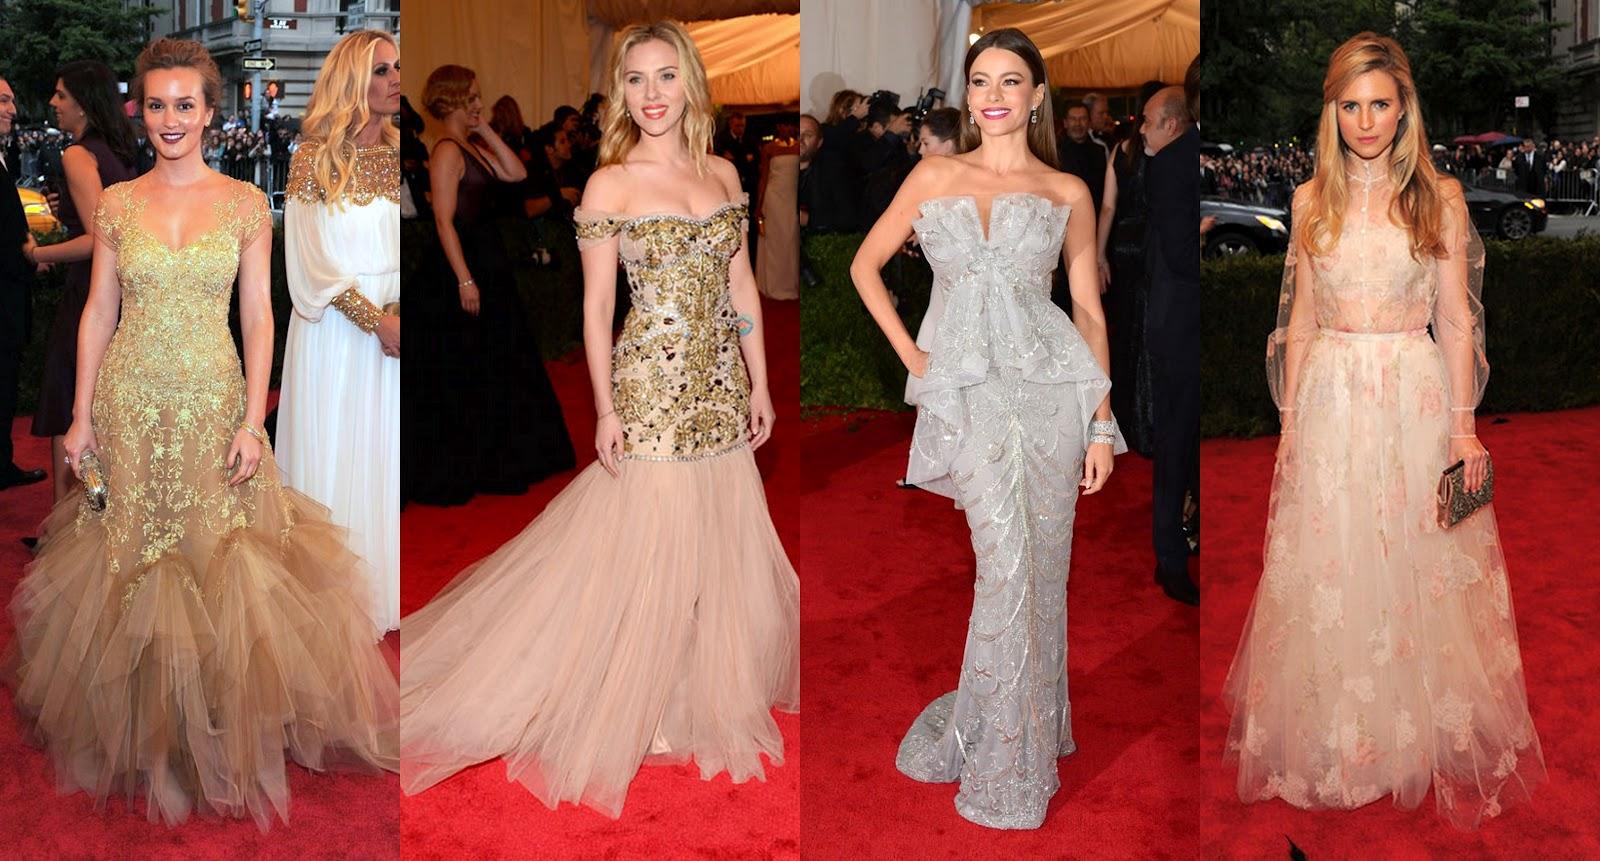 http://3.bp.blogspot.com/-skchilzoSUc/T6kRRqHbxLI/AAAAAAAAD5o/HIkc5i6Si6o/s1600/met+gowns.jpg